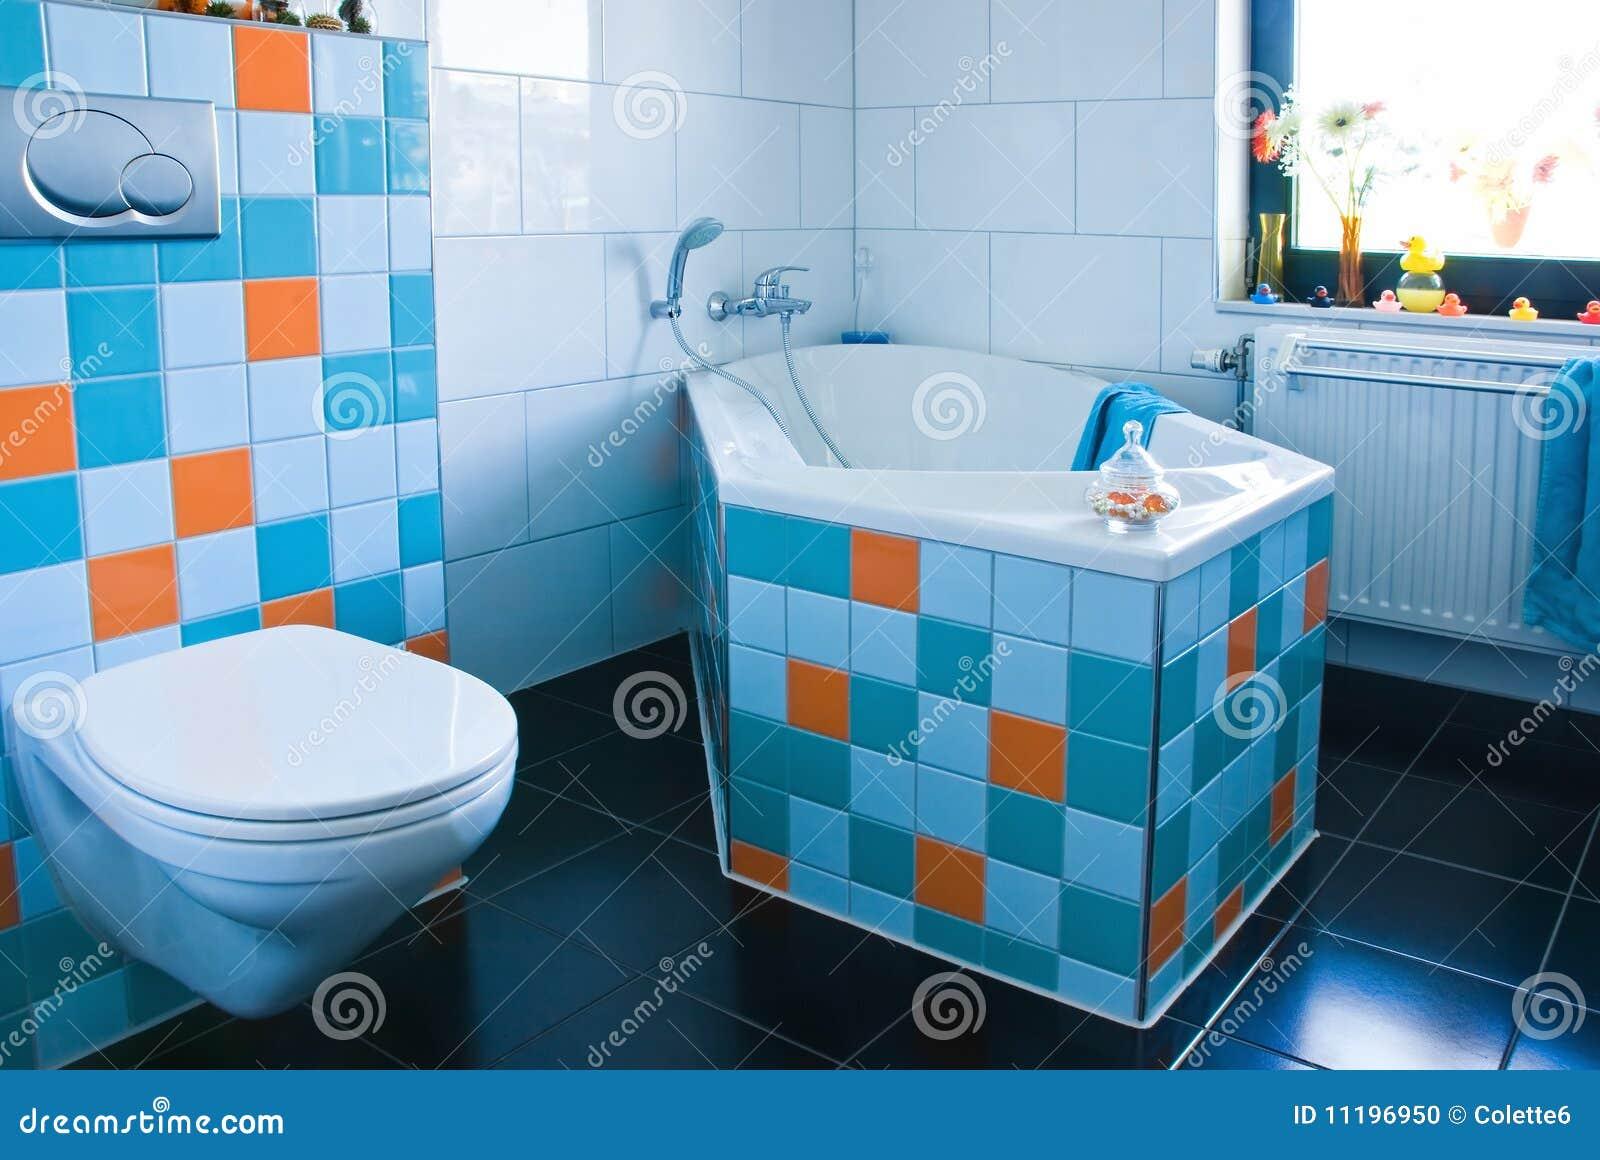 Kleurrijke Witte En Blauwe Badkamers Met Zwarte Vloer Stock Foto ...